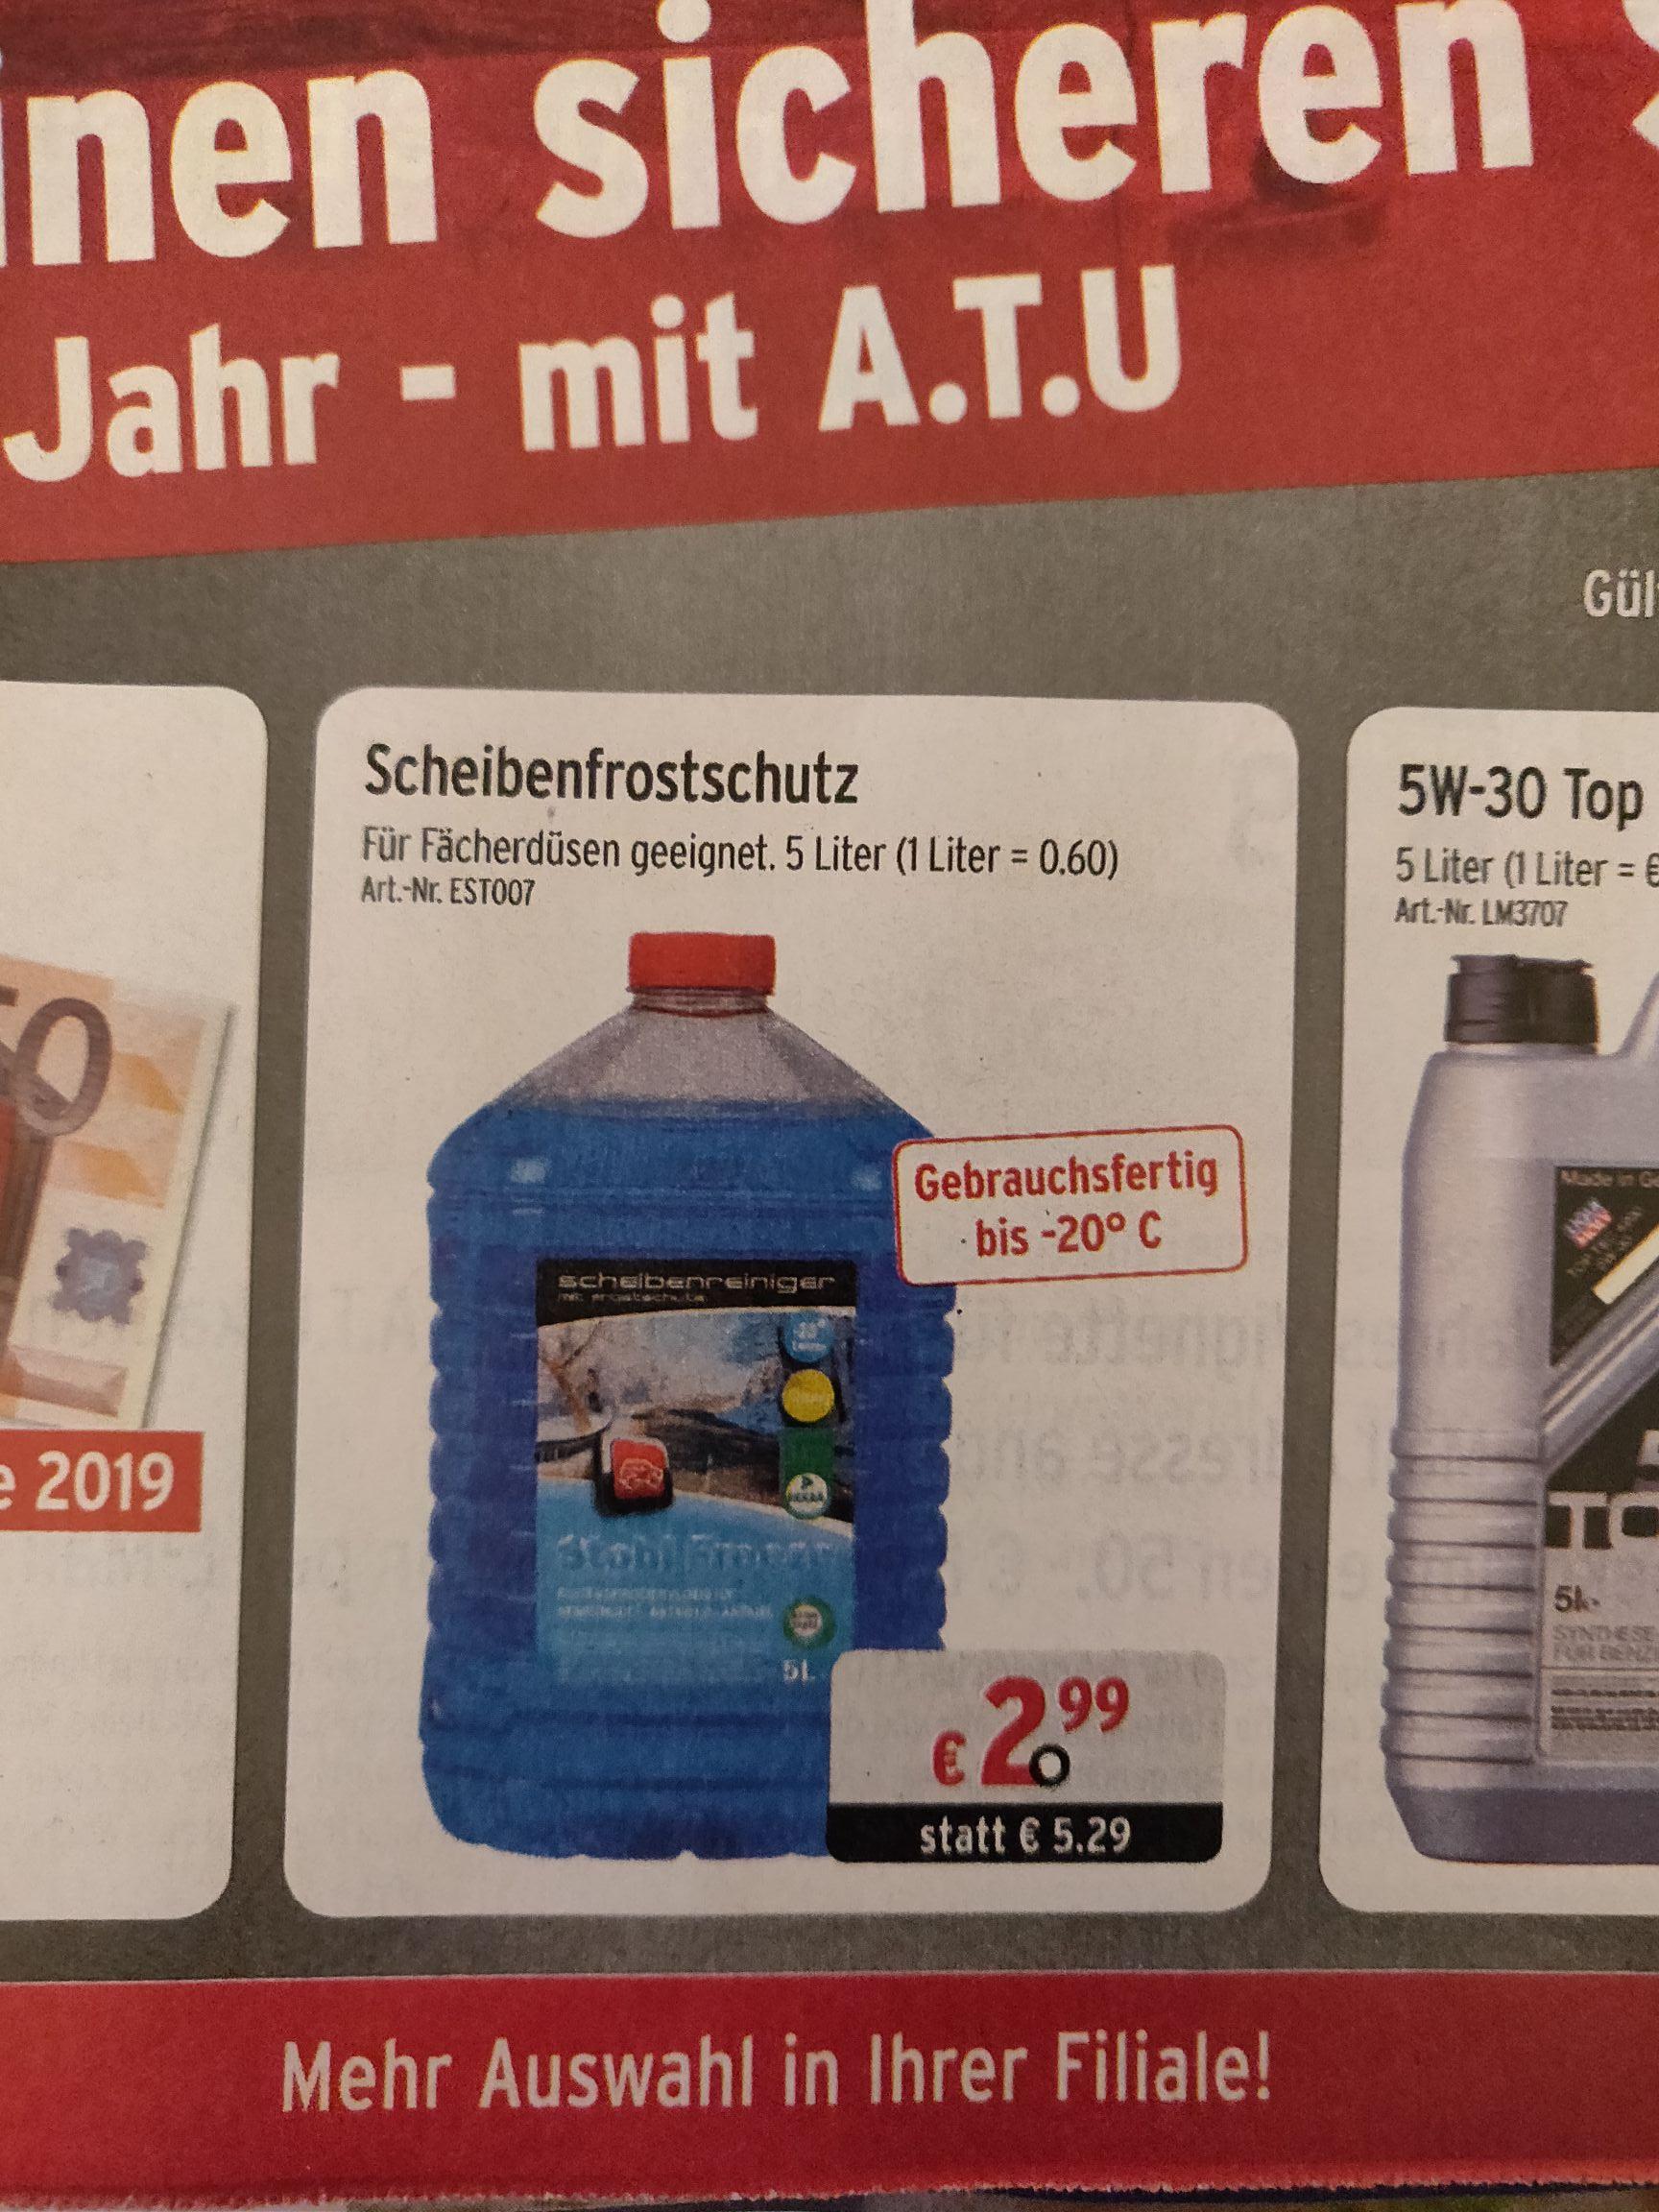 [ATU] 5L Frostschutz bis -20°C um nur 2.99€